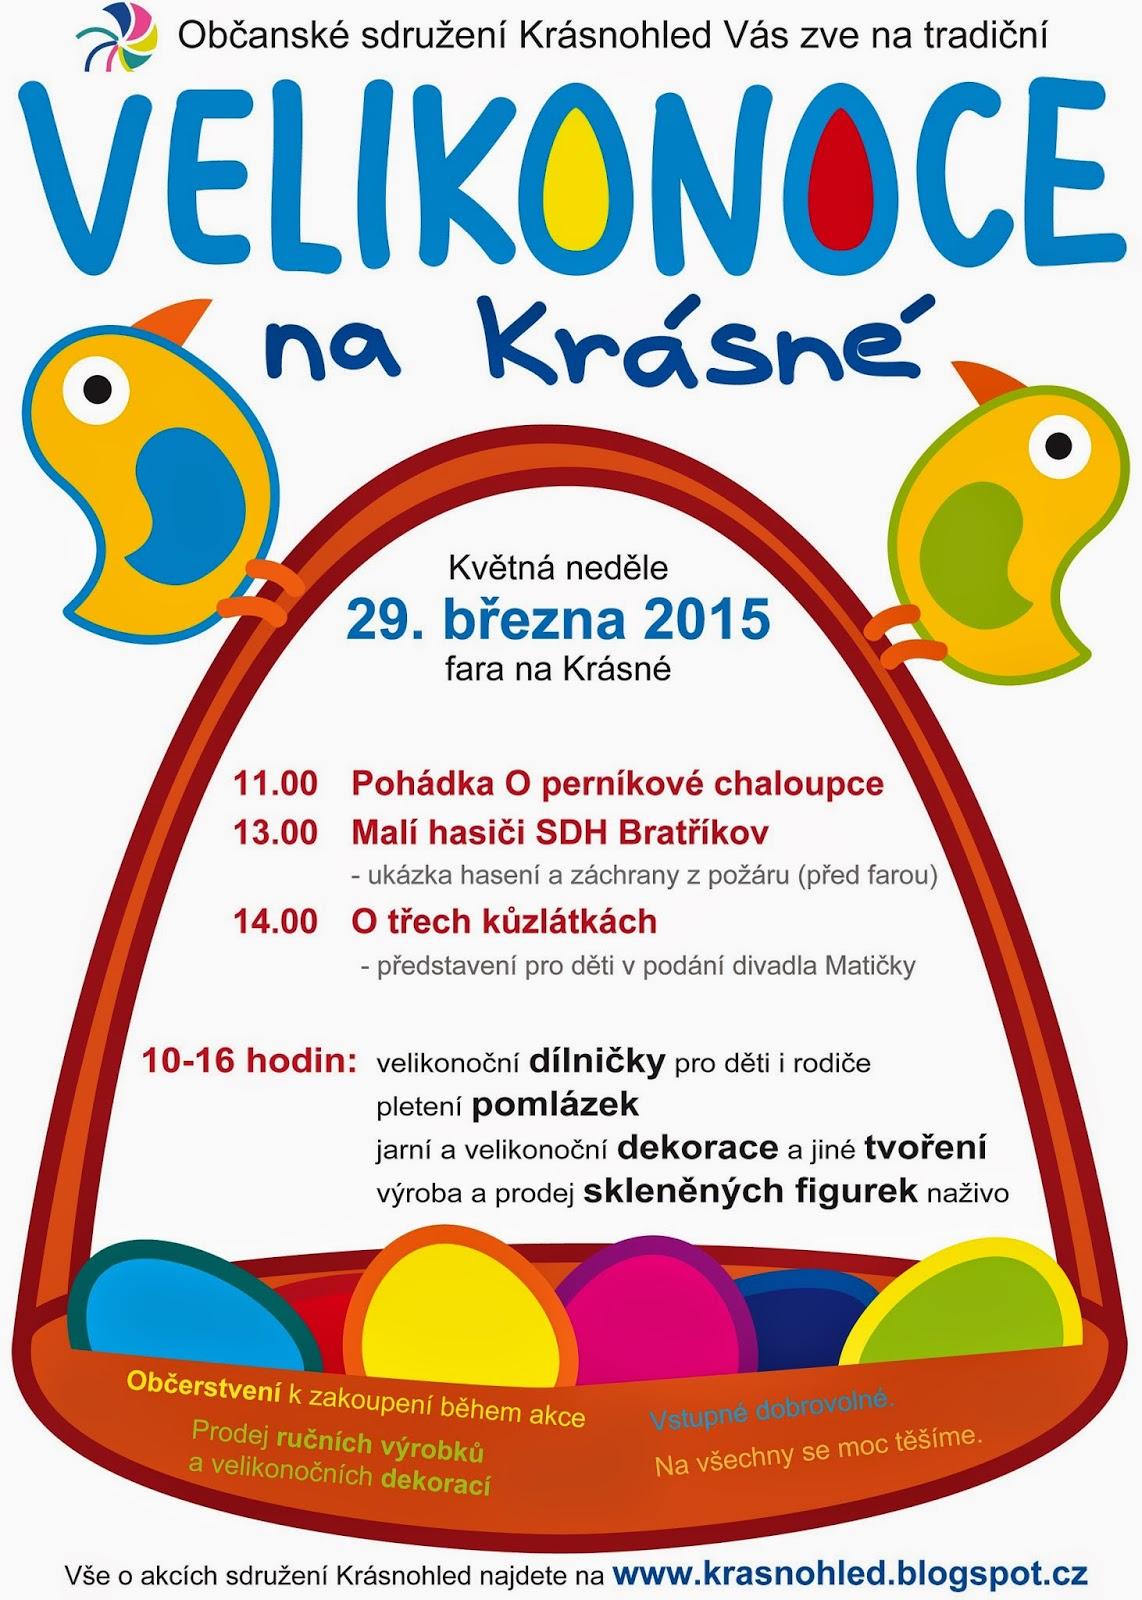 Velikonoce na Krásné, neděle 29. března 2015, plakát